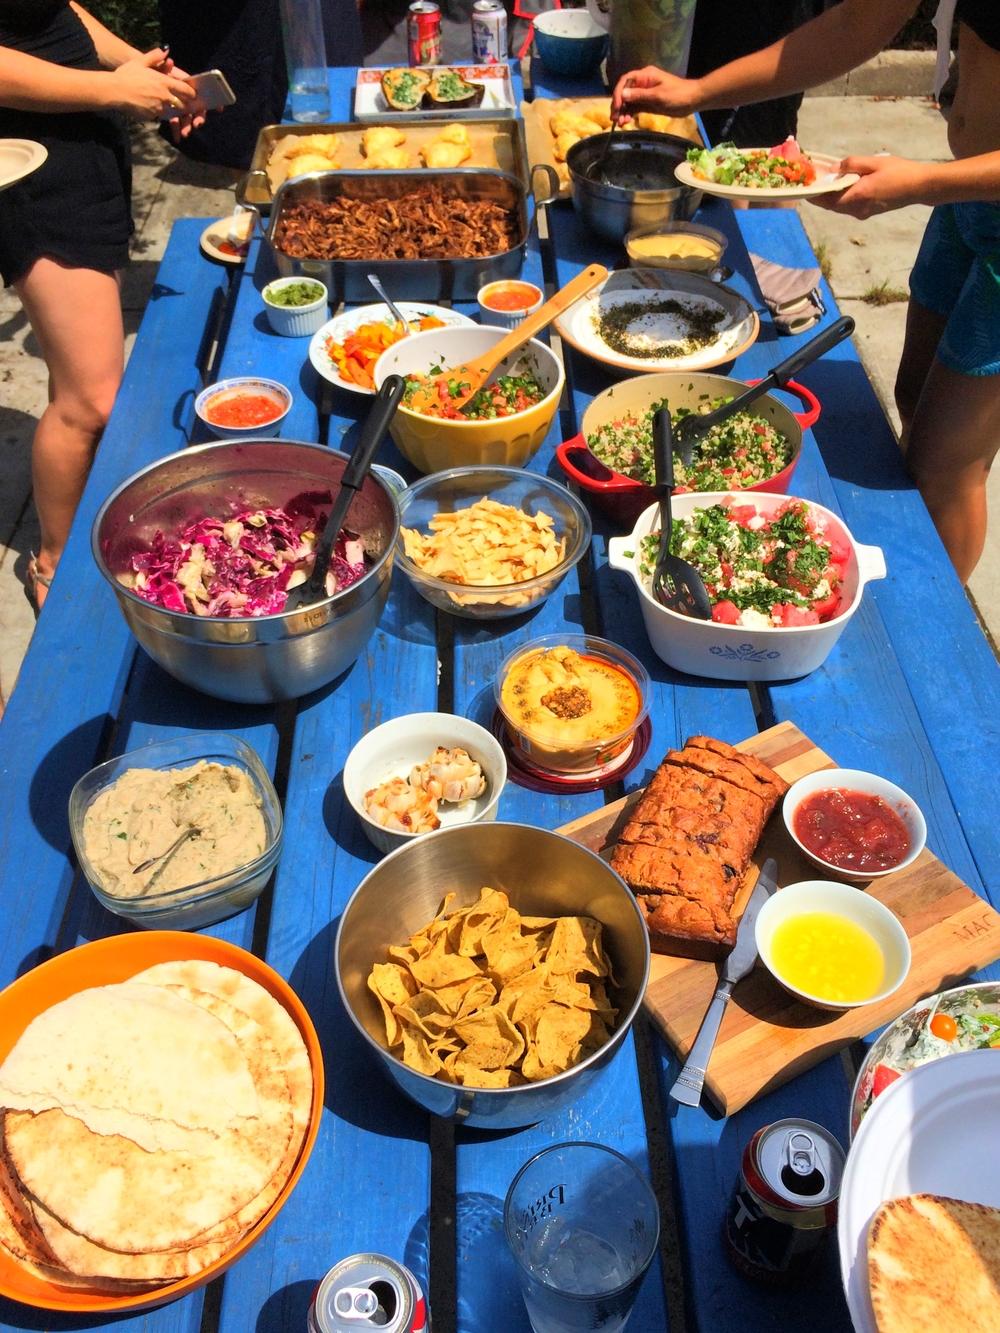 israeli feast